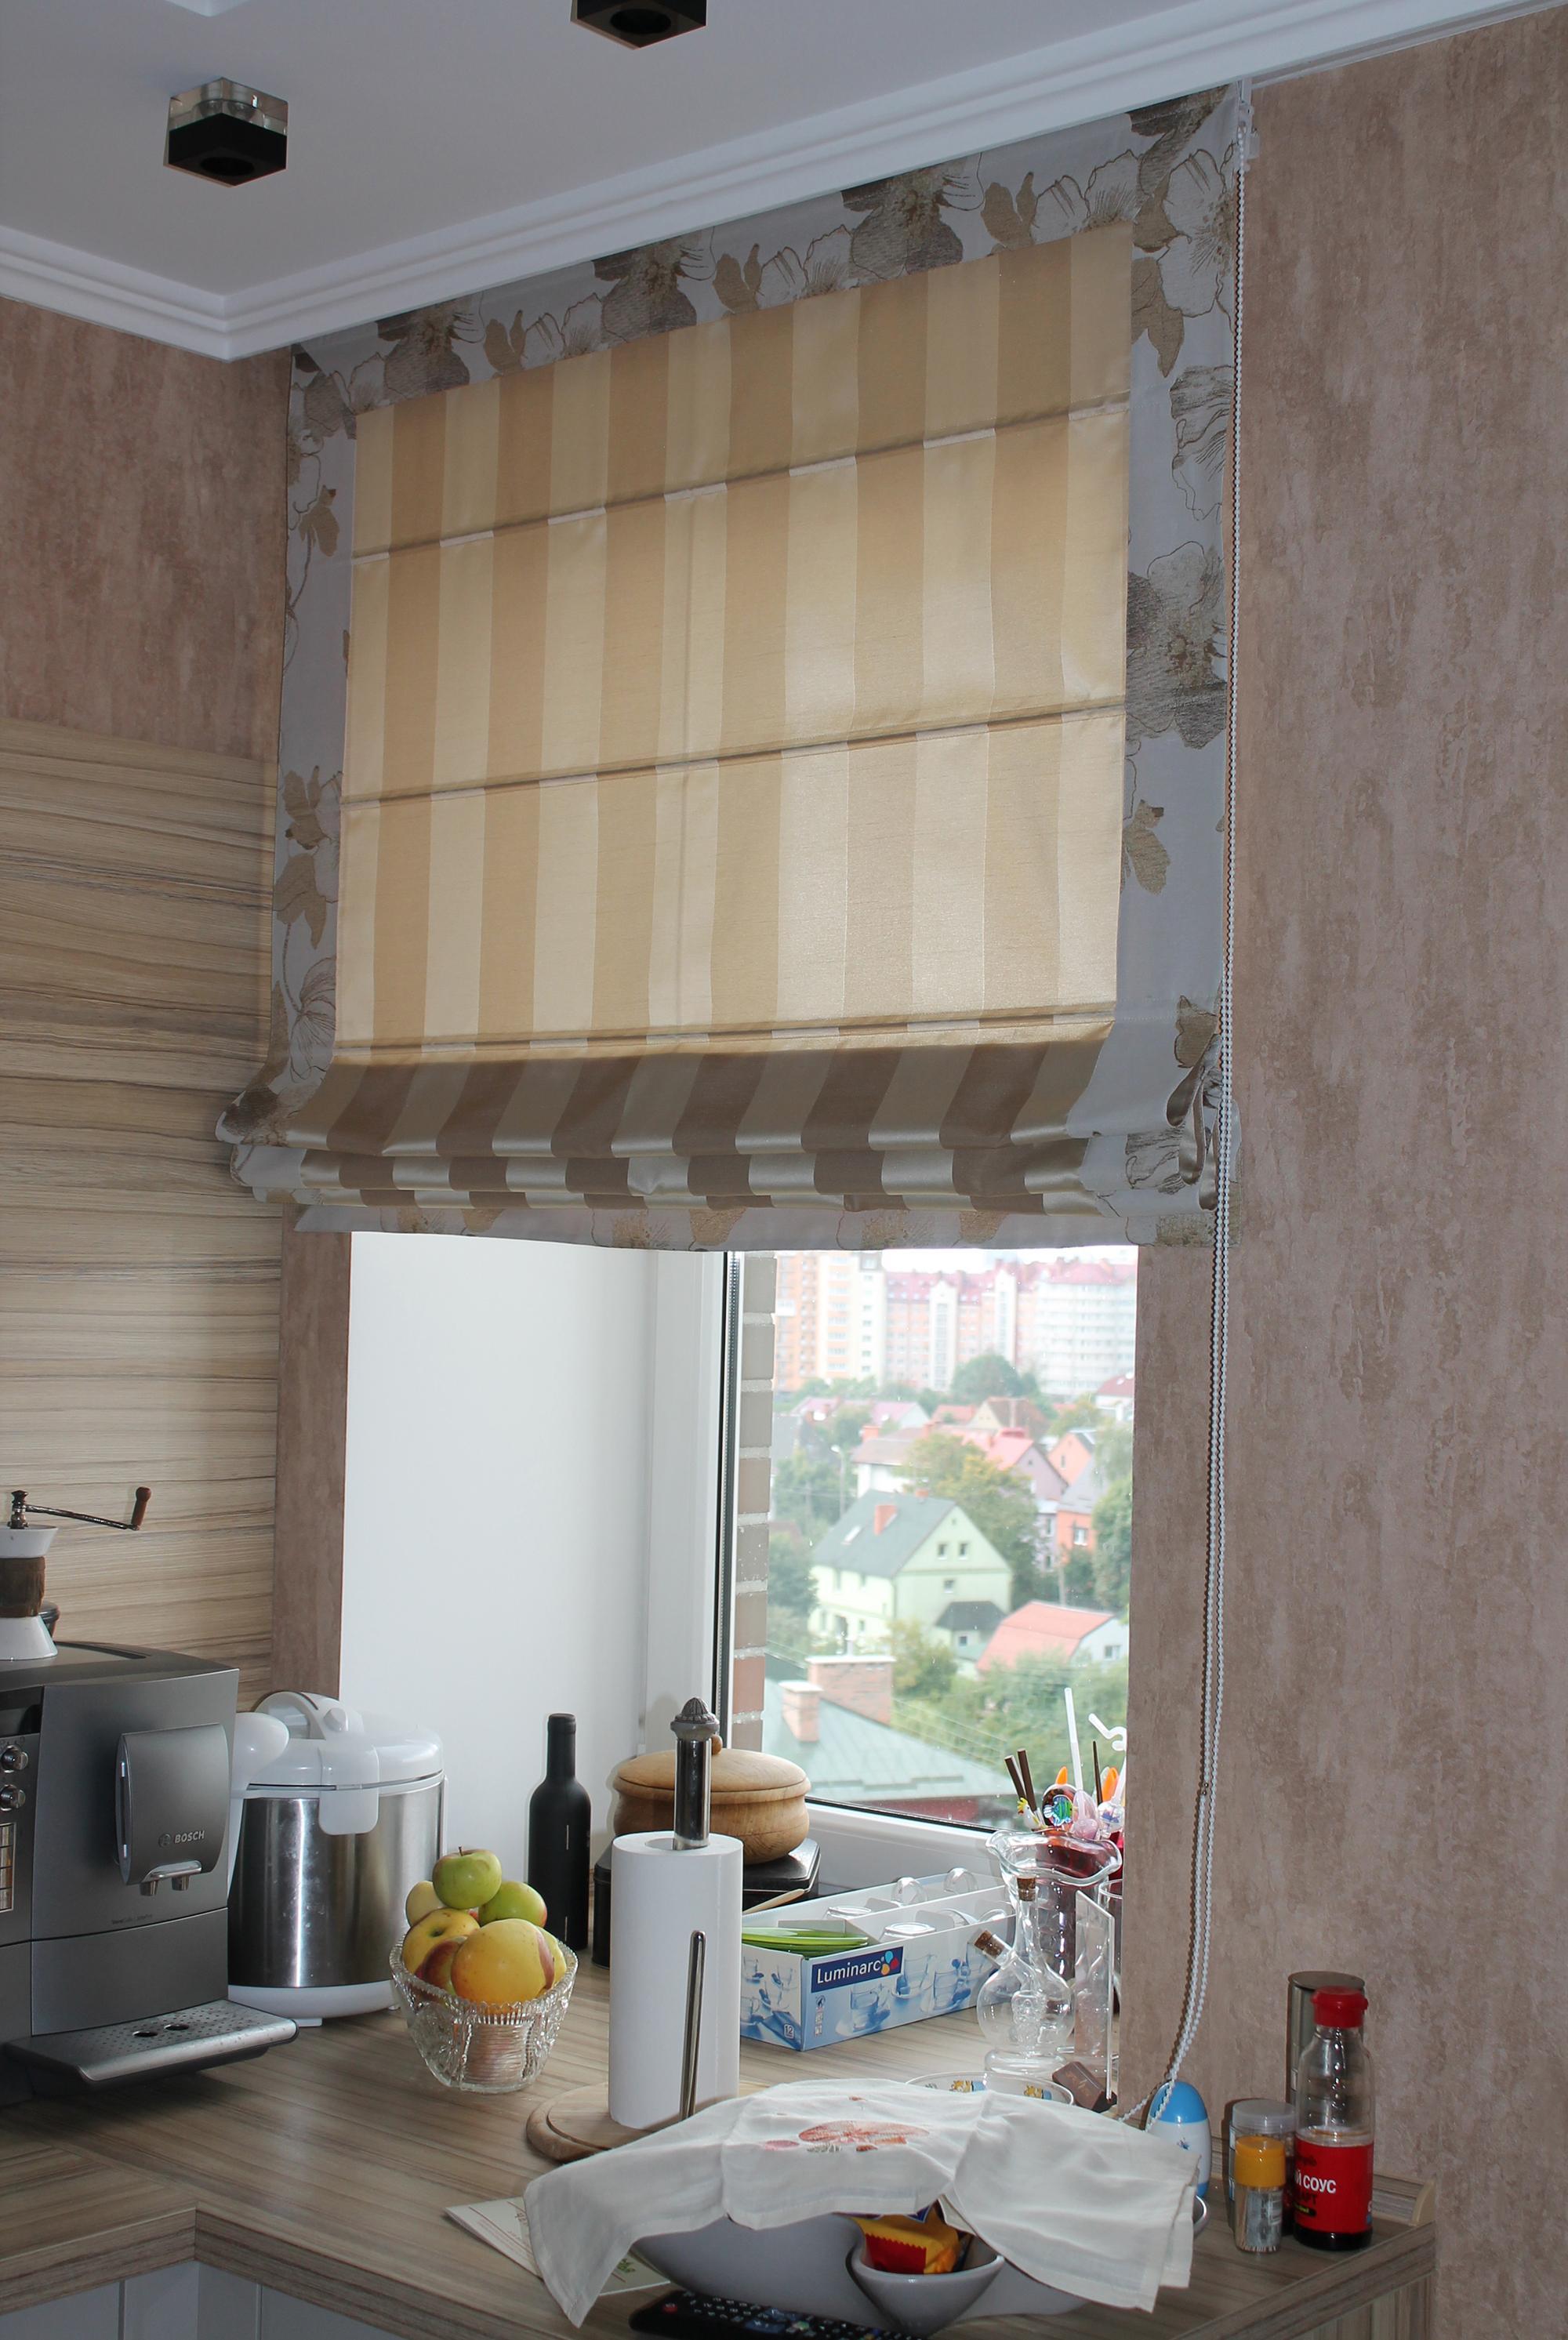 Новинки штор для кухни 2020 года - топ-180 фото и видео новинок штор для кухни. новые ткани и цвета для кухни. стилистика штор. советы по выбору подходящего стиля